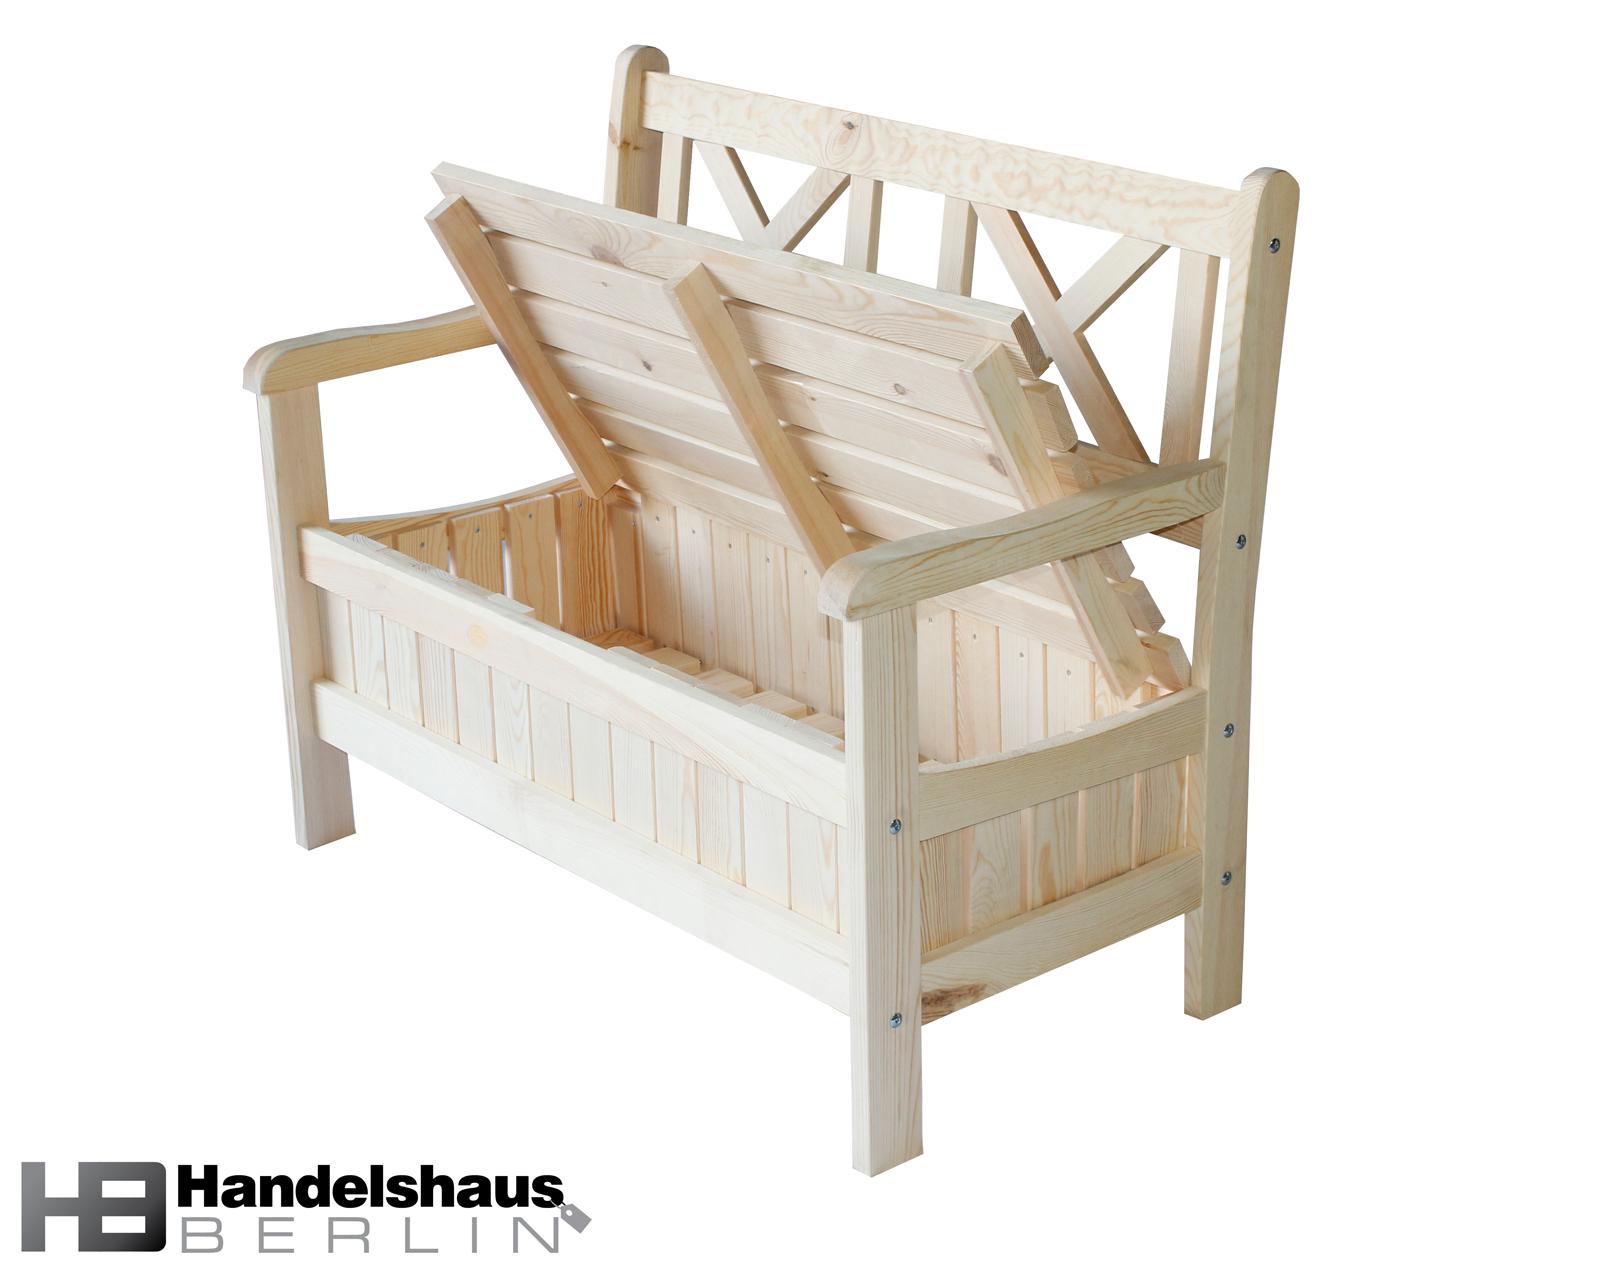 holzbank gartenbank sitzbank bank k chenbank 2 sitzer. Black Bedroom Furniture Sets. Home Design Ideas